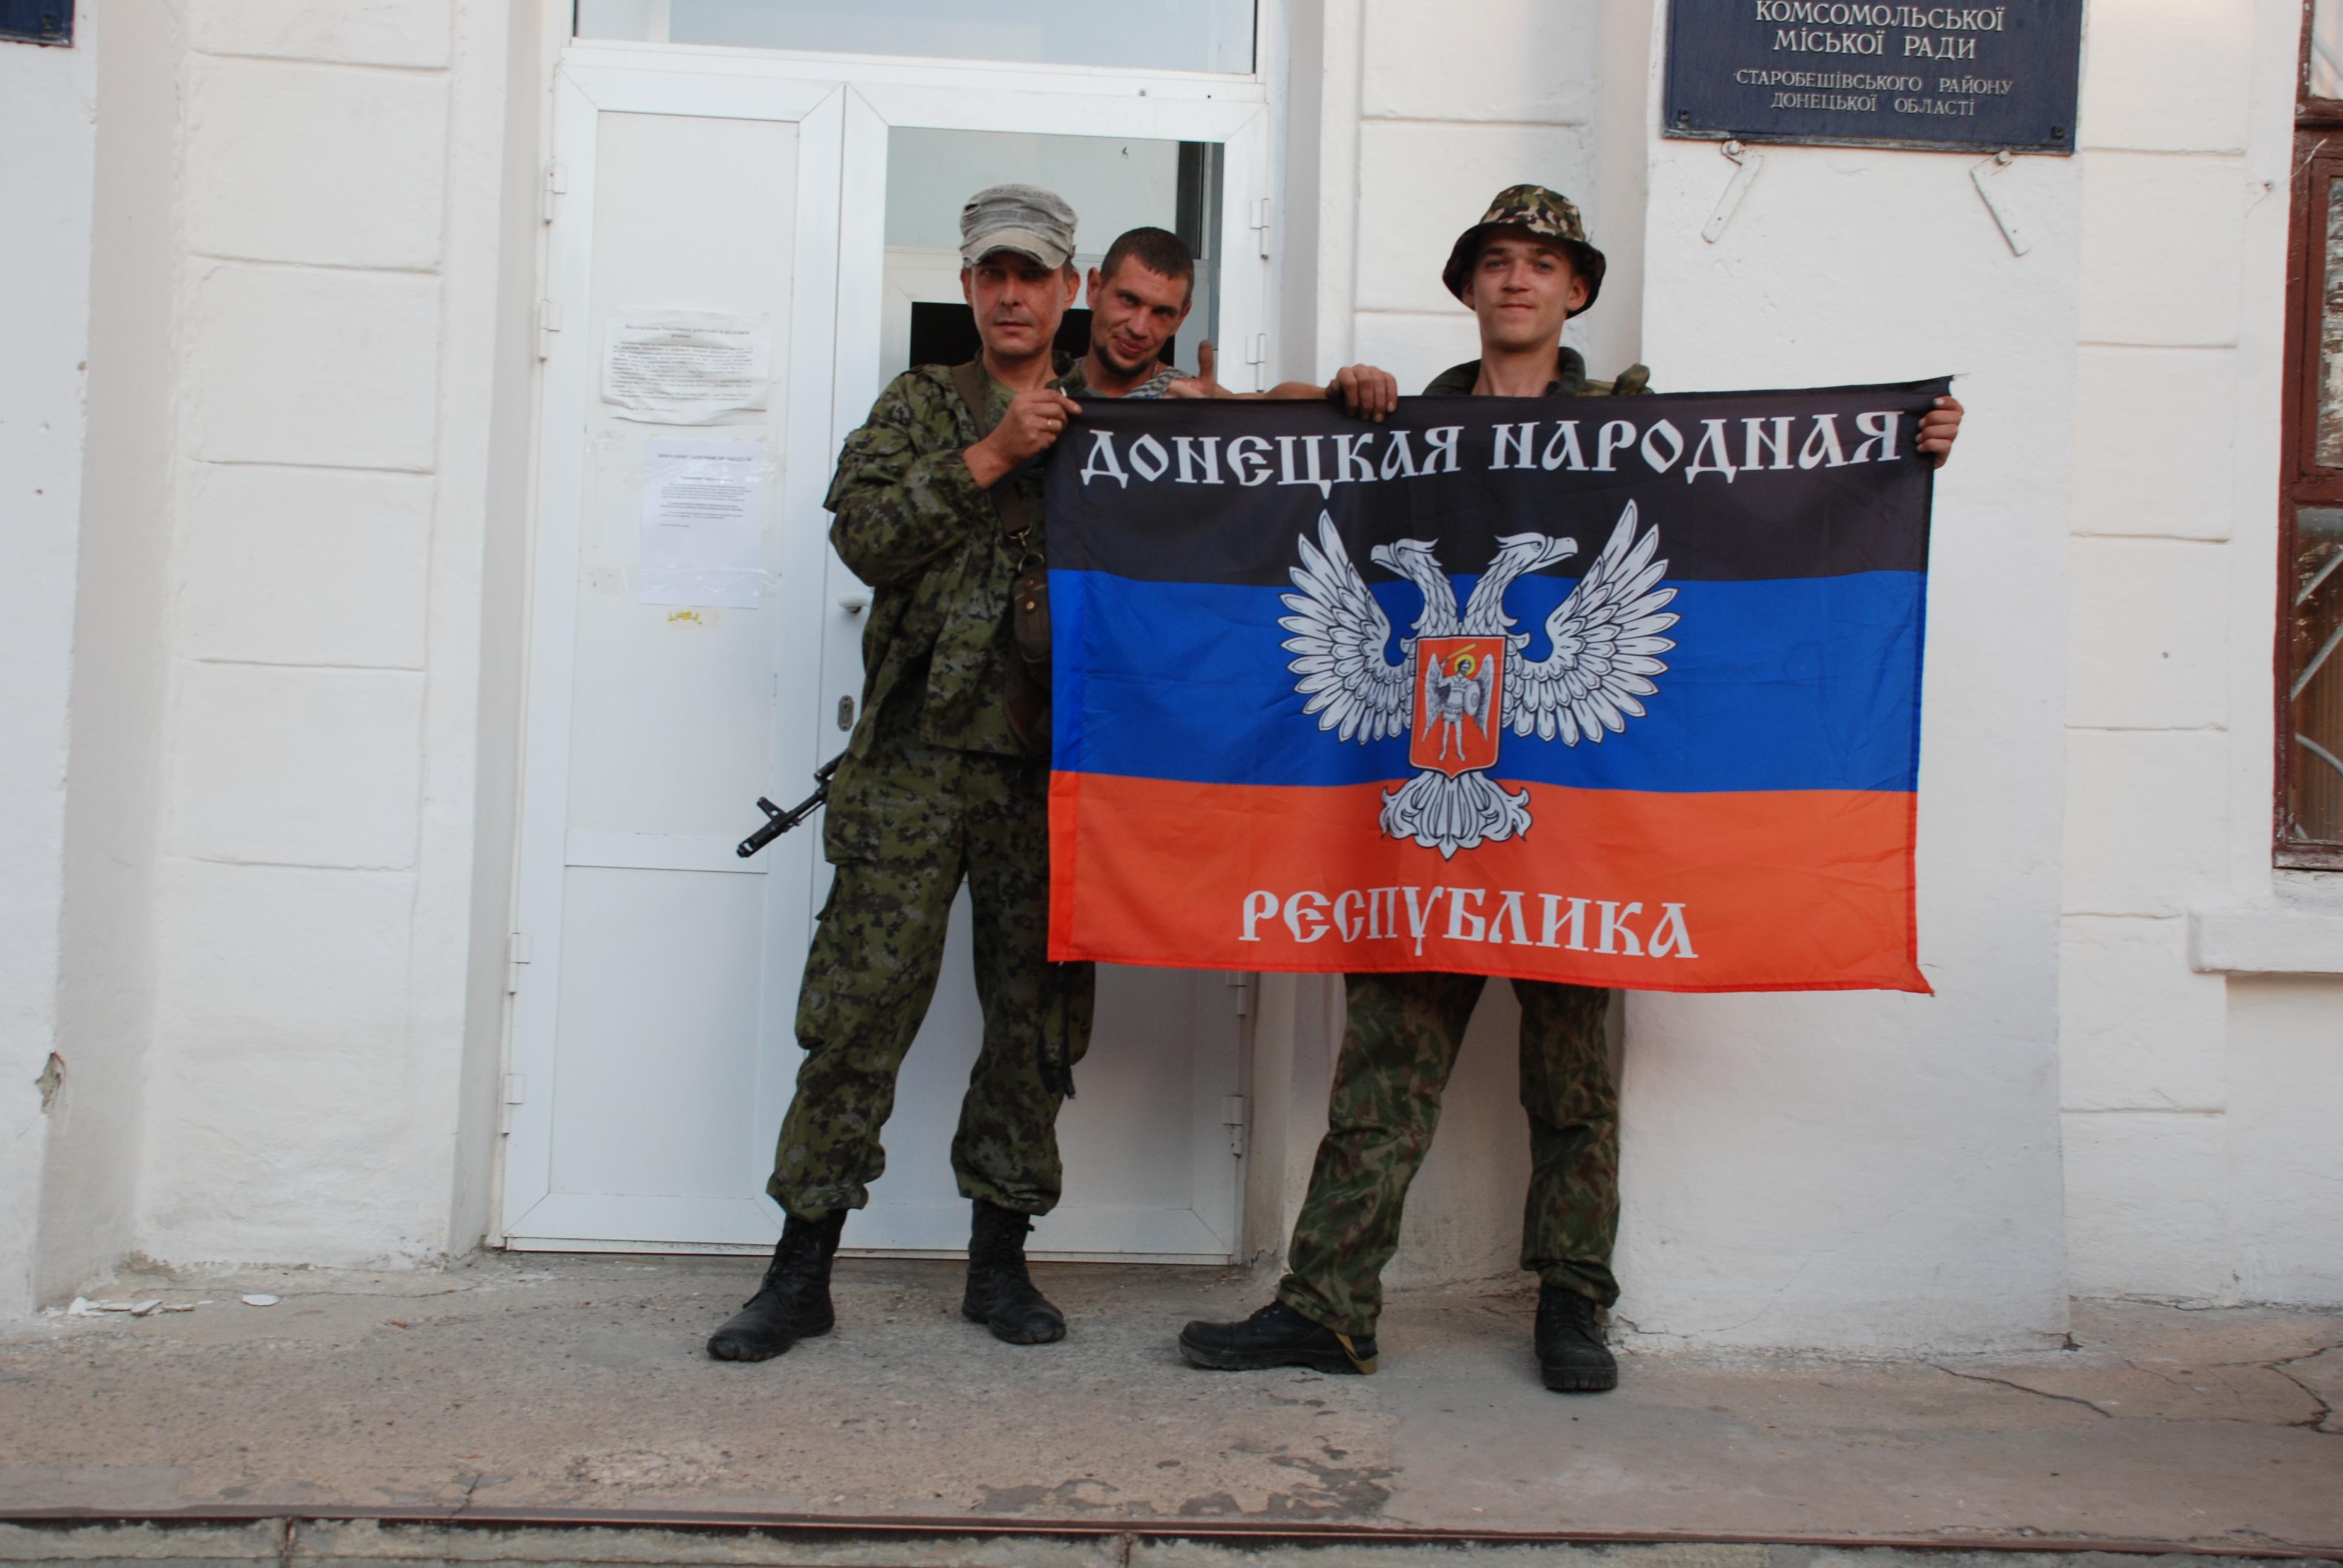 В ДНР приняли закон о госгранице Республики, которая установлена в пределах Донецкой области